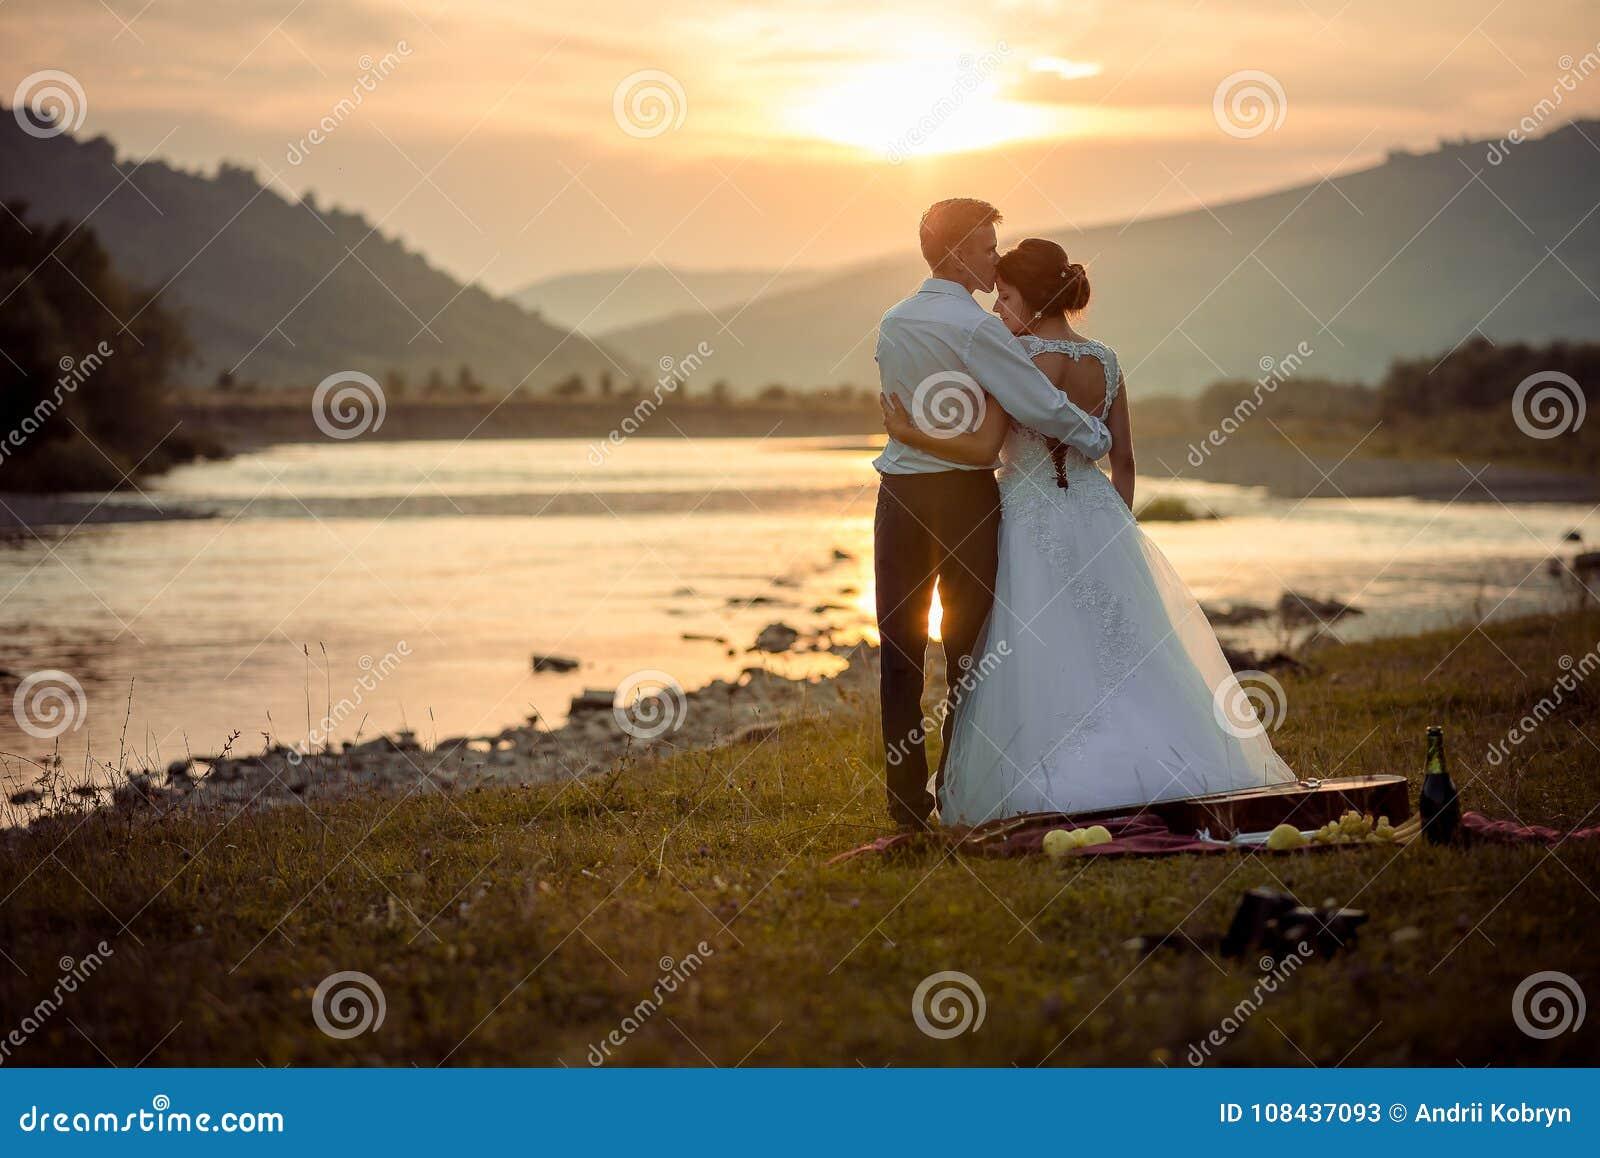 Ο νεόνυμφος φιλά μαλακά την πανέμορφη νύφη του στο μέτωπο κατά τη διάρκεια του ηλιοβασιλέματος Γαμήλιο πικ-νίκ στην όχθη ποταμού